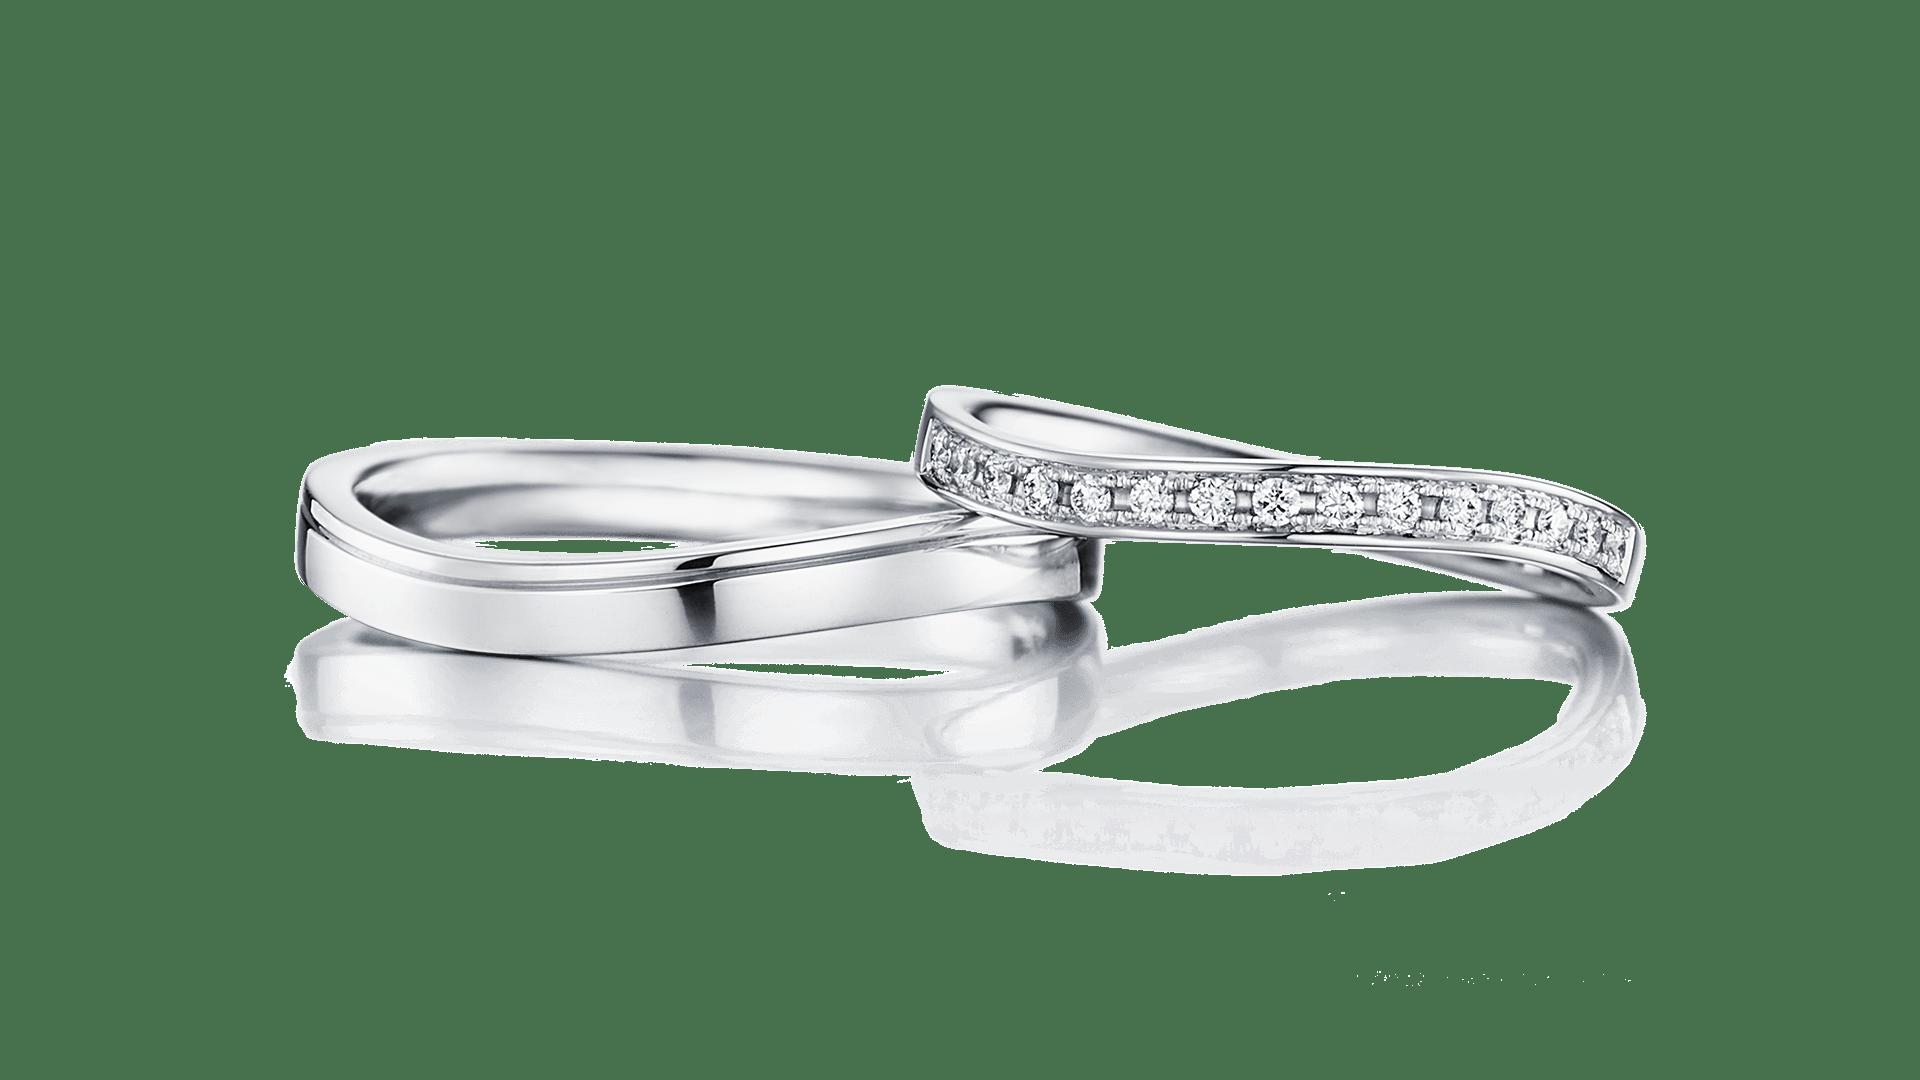 tritone トリトーネ | 結婚指輪サムネイル 1